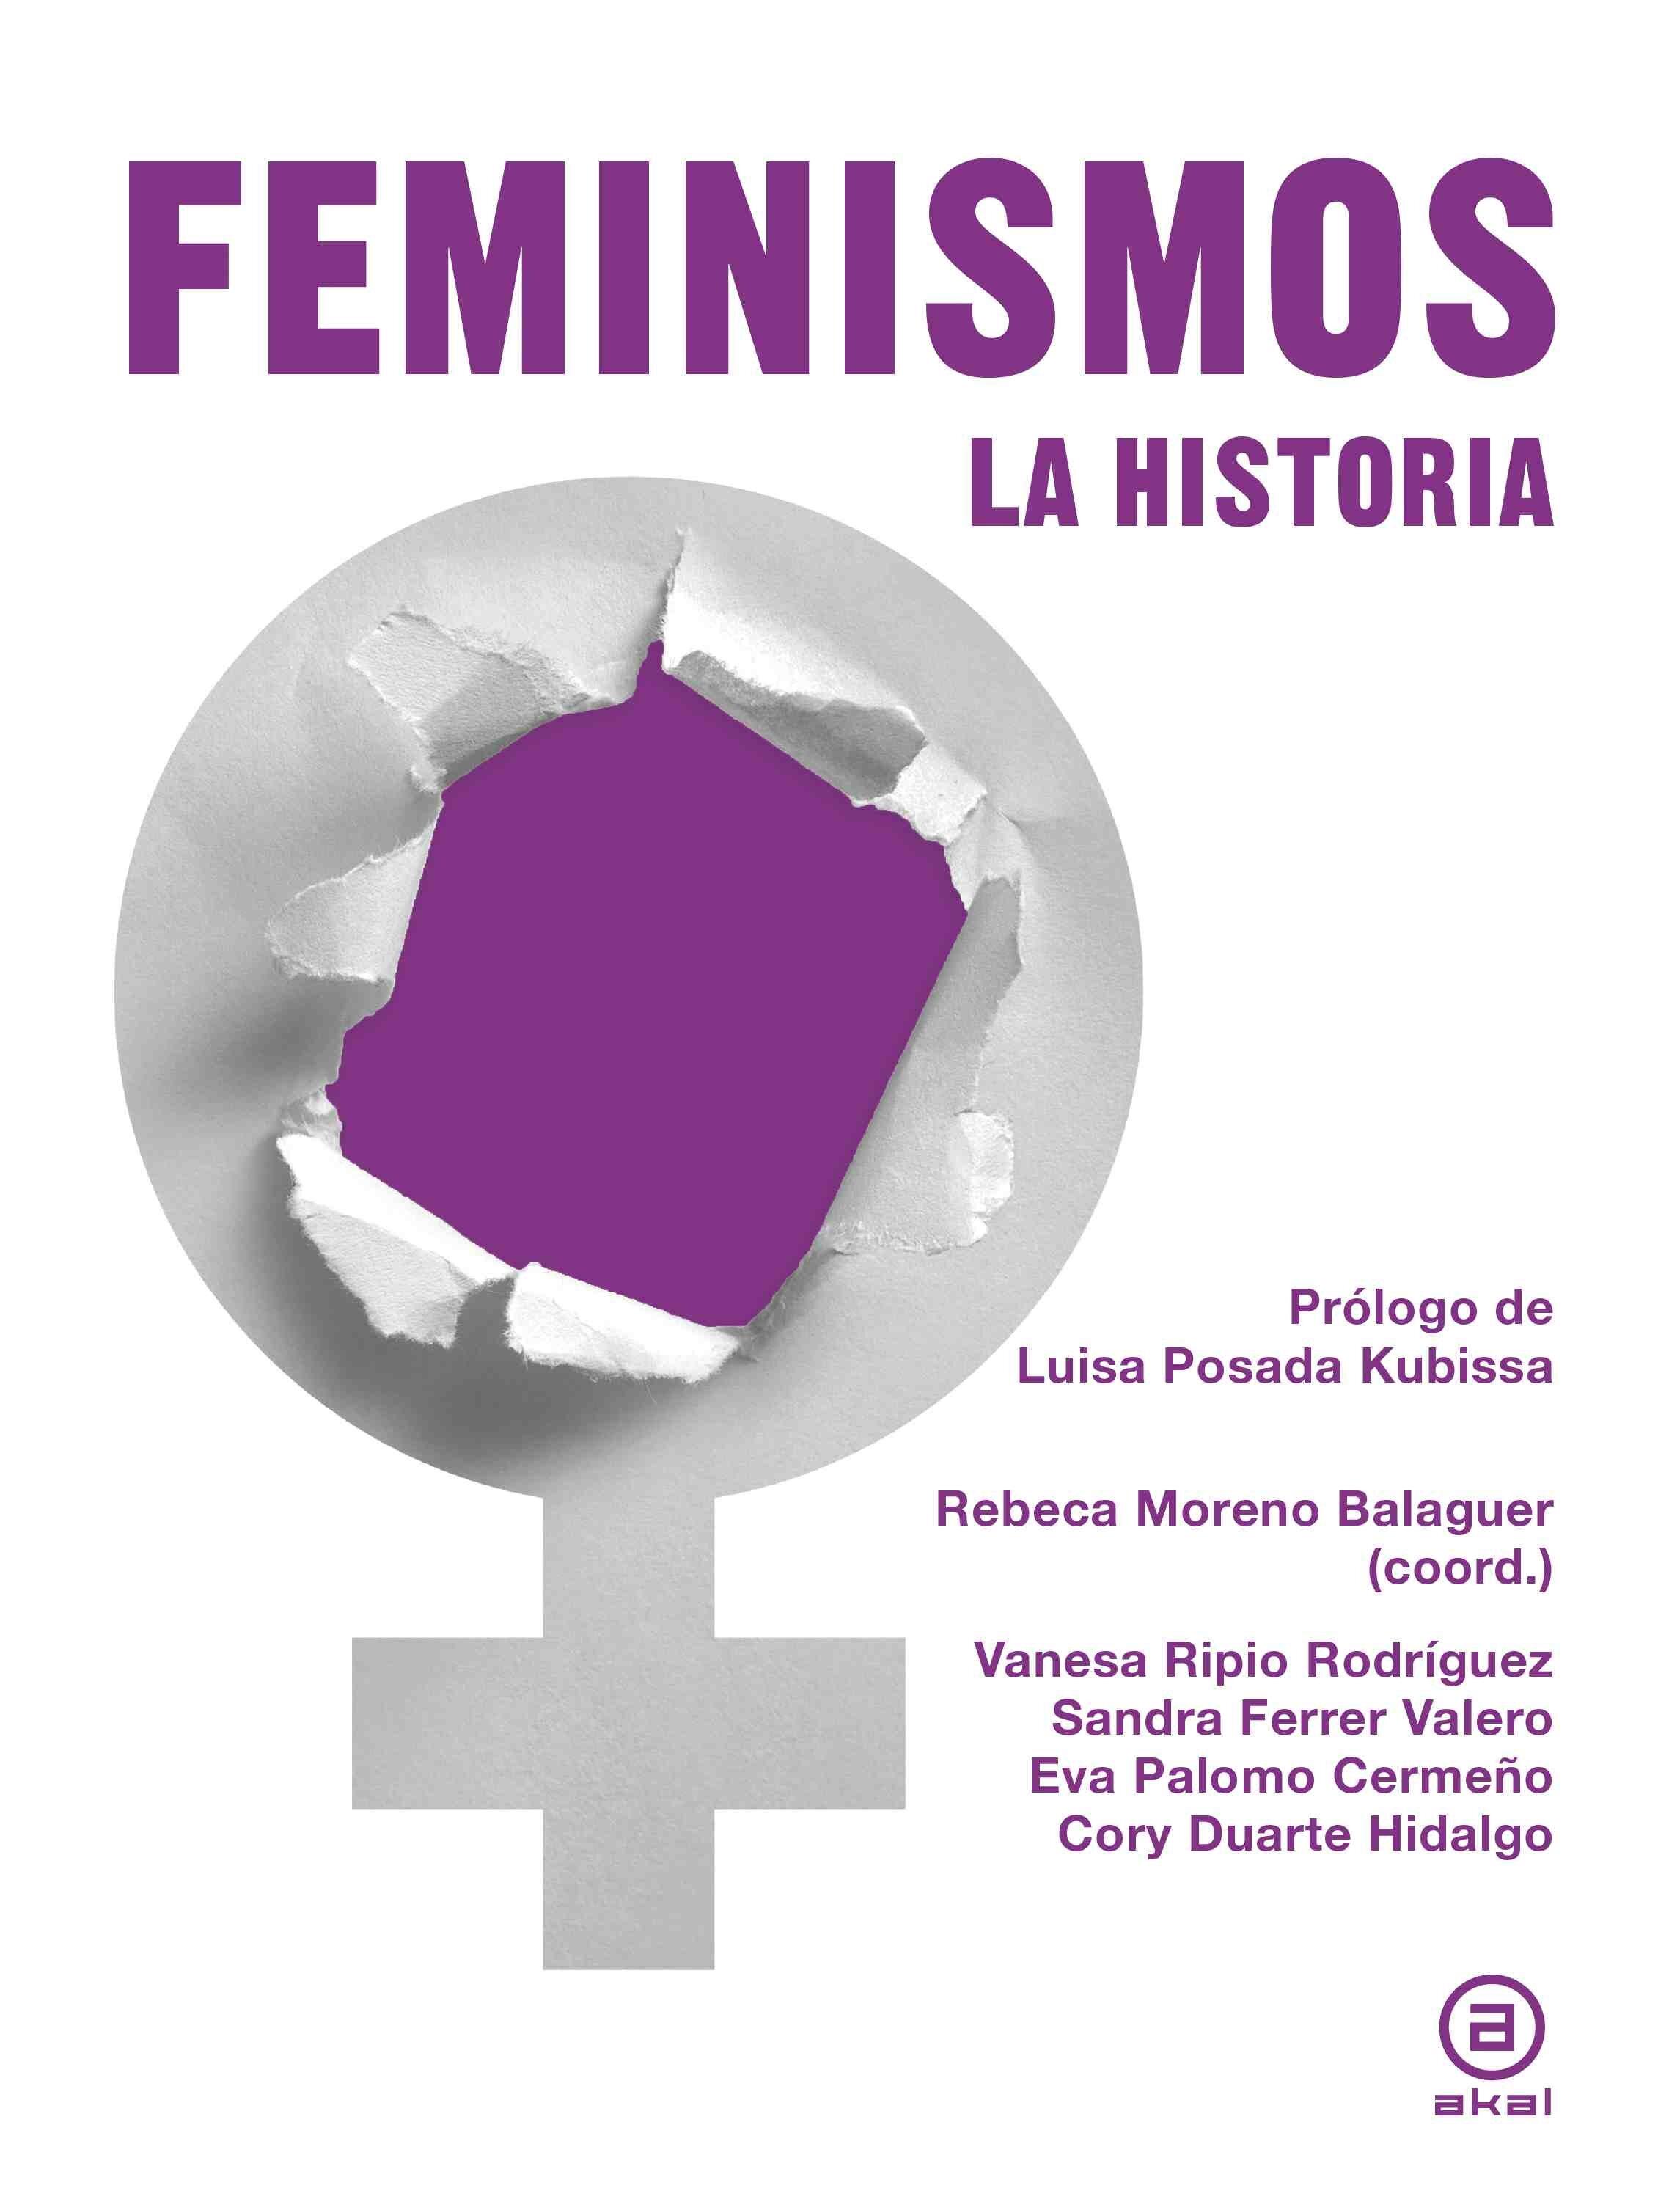 Feminismos: la historia